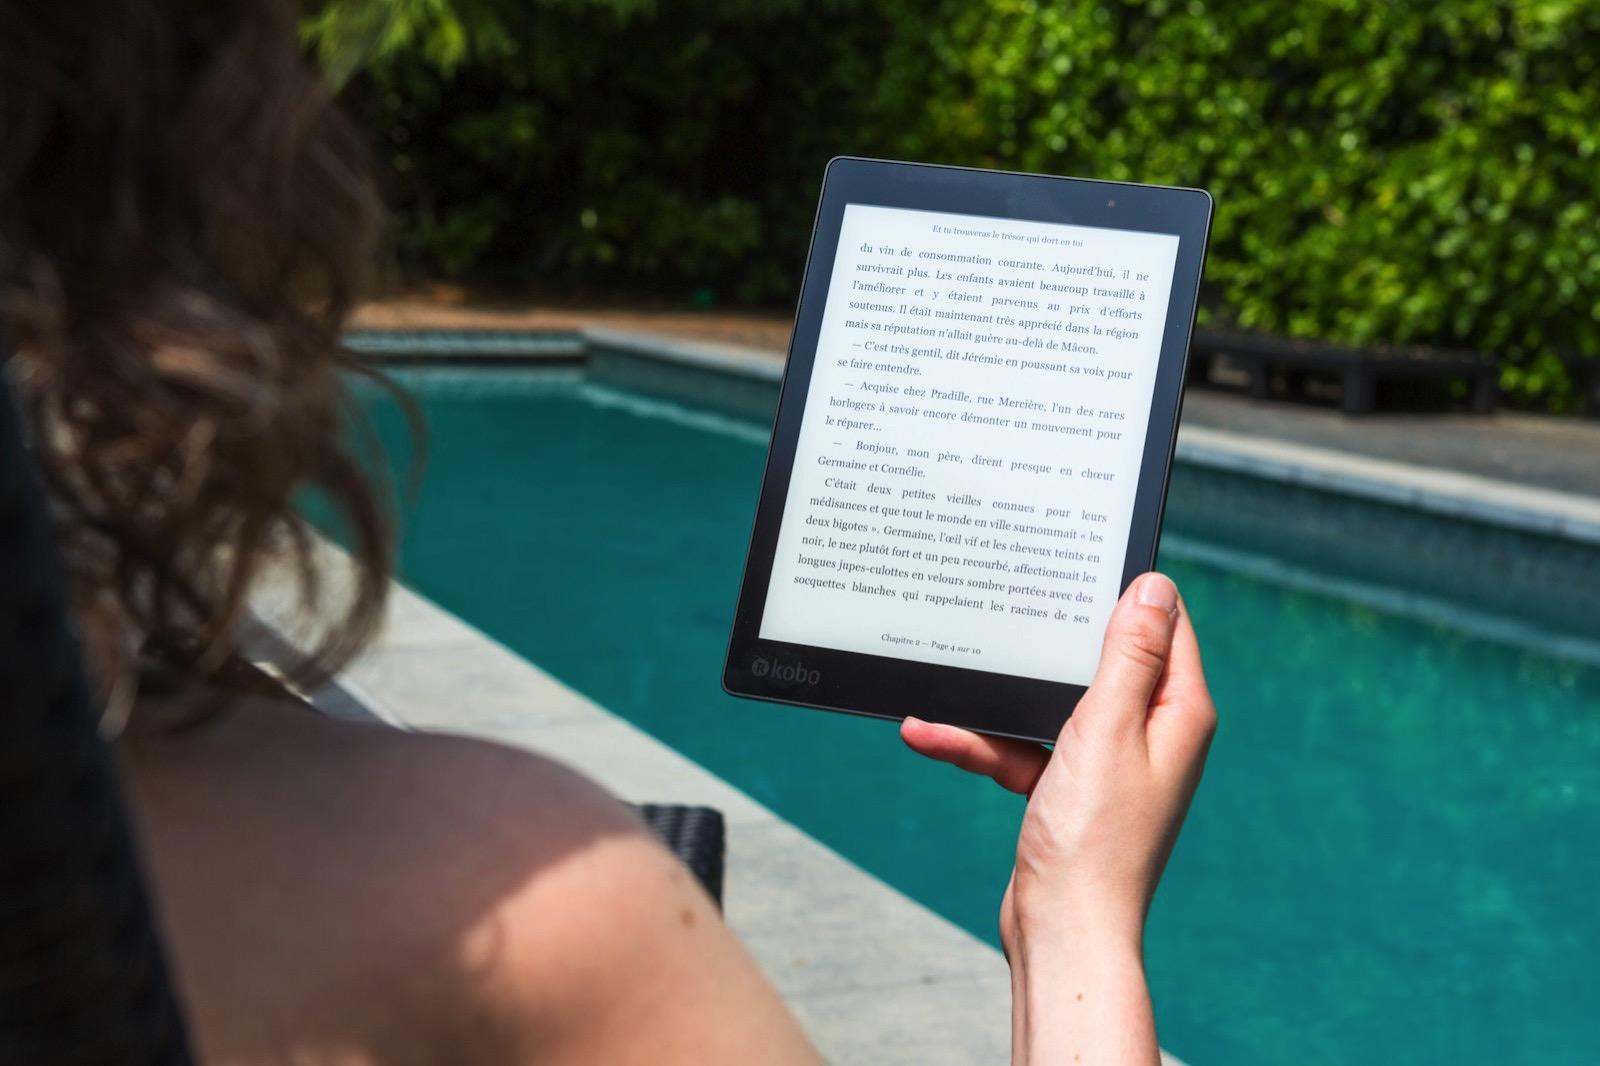 perfecto-capucine-746359-unsplash-reading-book-on-kindle.jpg